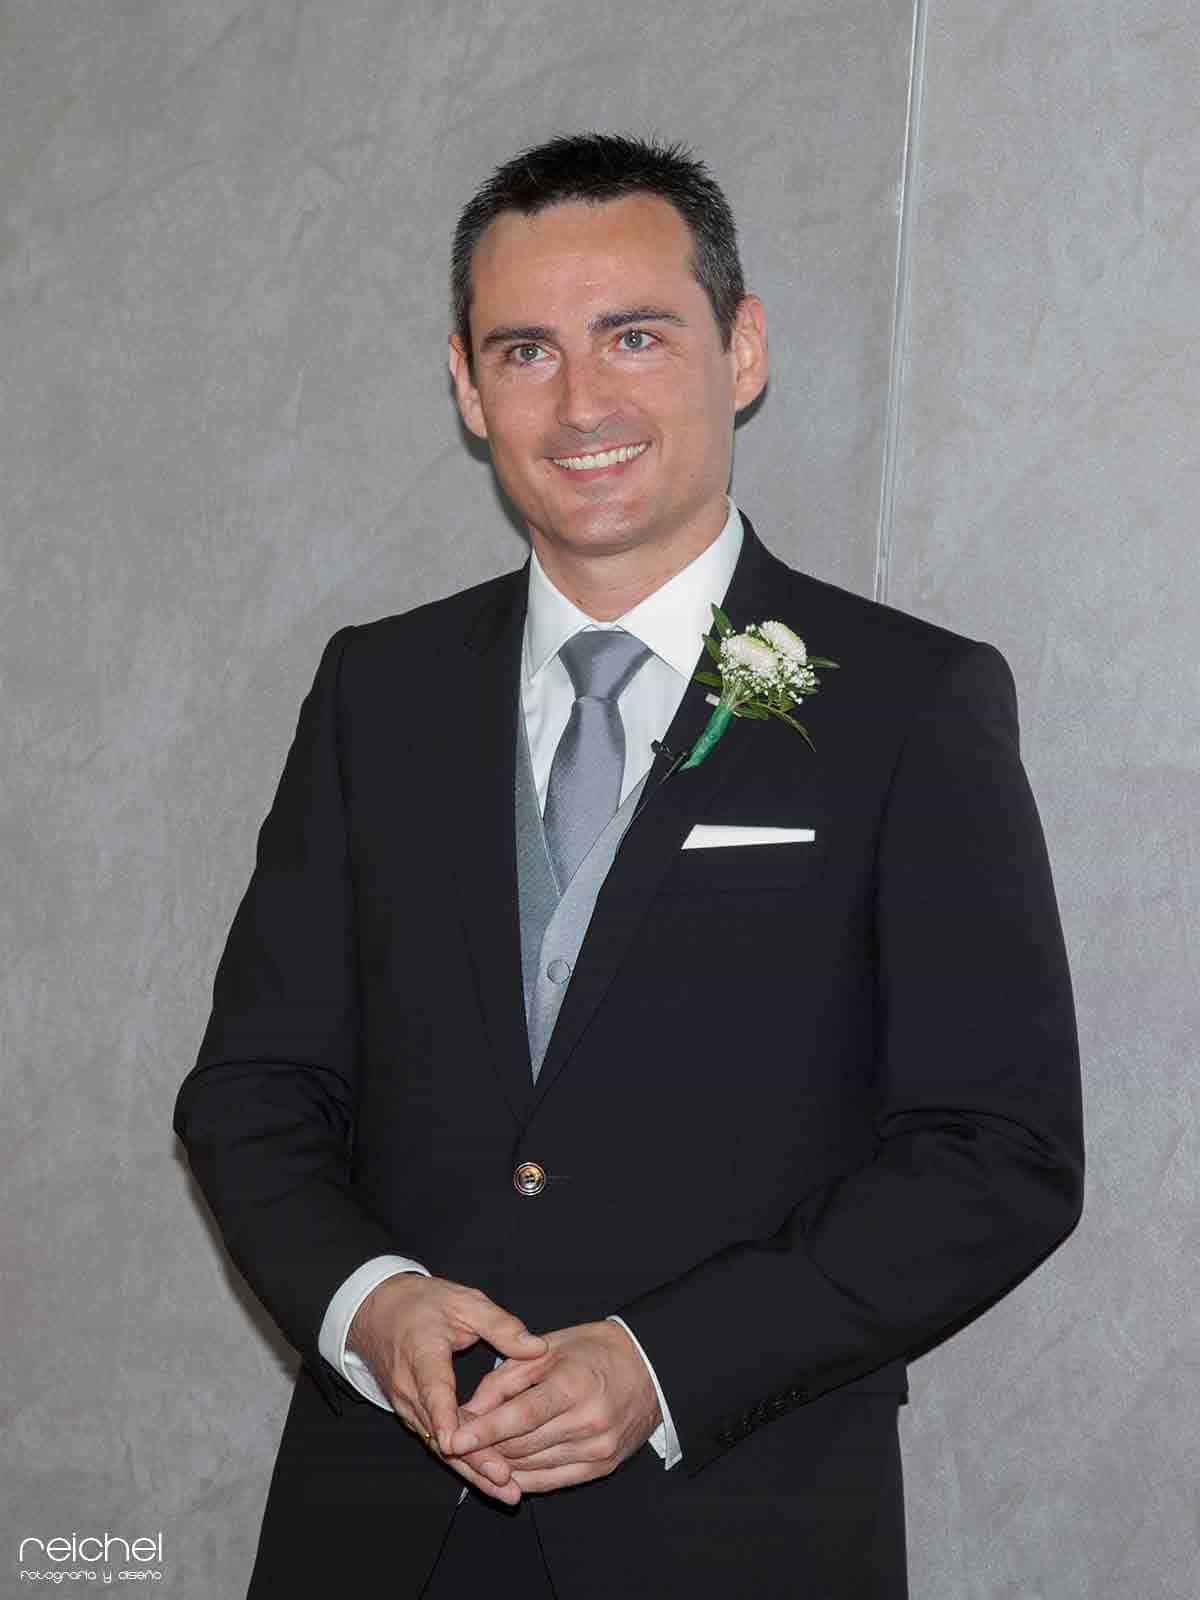 boda civil zaragoza monento de felicidad del novio